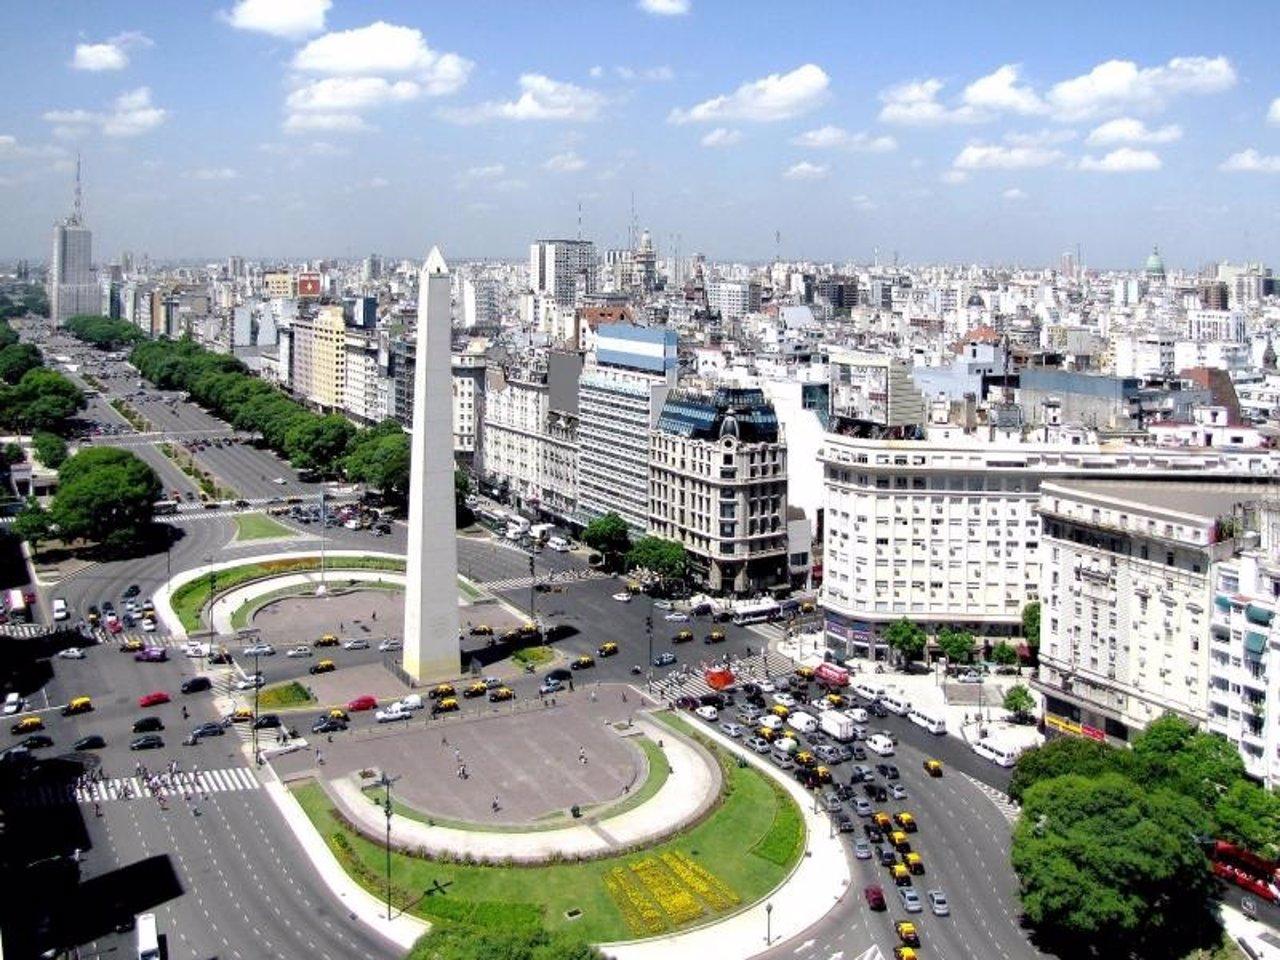 Buenos aires y curitiba entre las 15 ciudades m s bonitas for Semana del diseno buenos aires